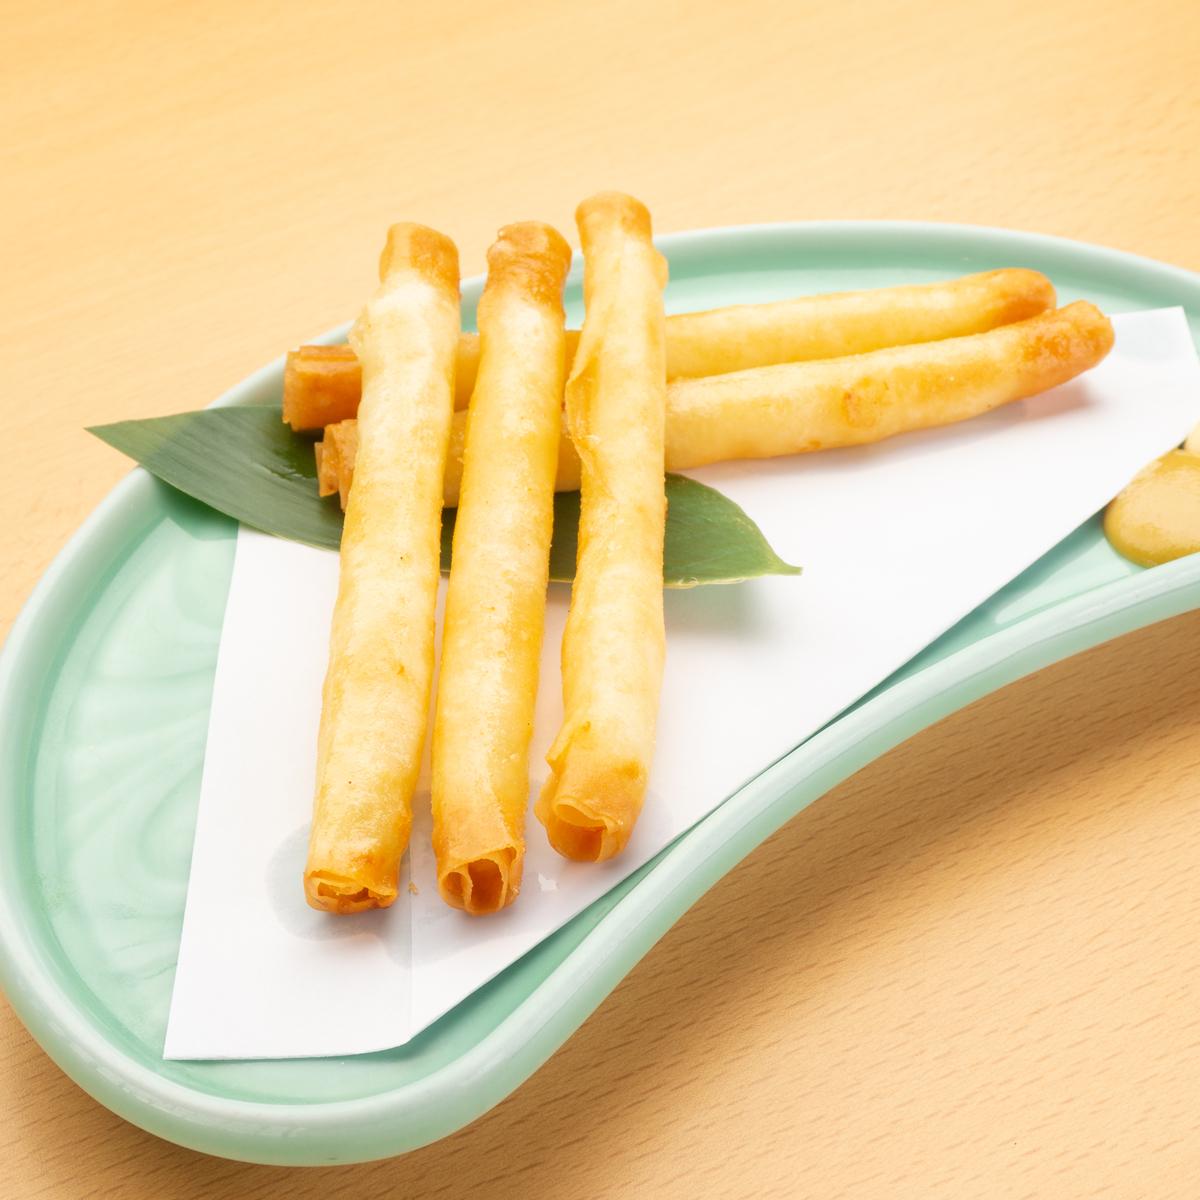 海老スティック春巻 チーズ入り 390円